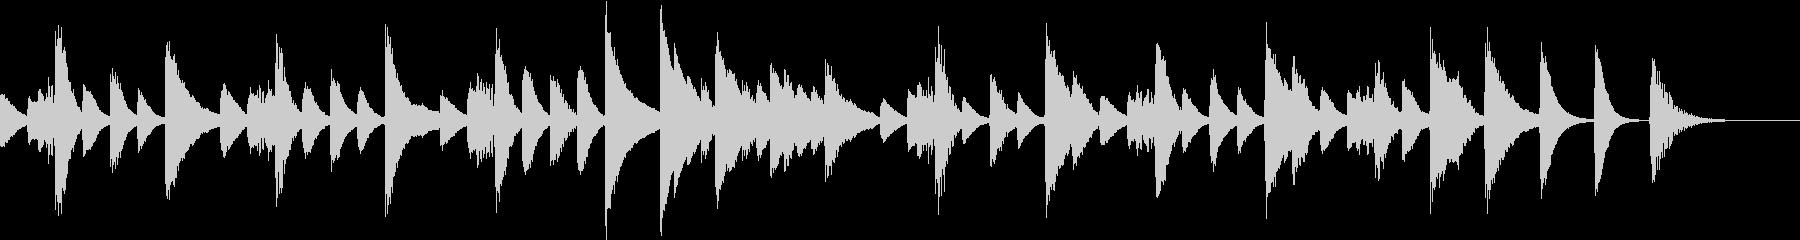 じゃれる猫を題材にした軽快ピアノジングルの未再生の波形